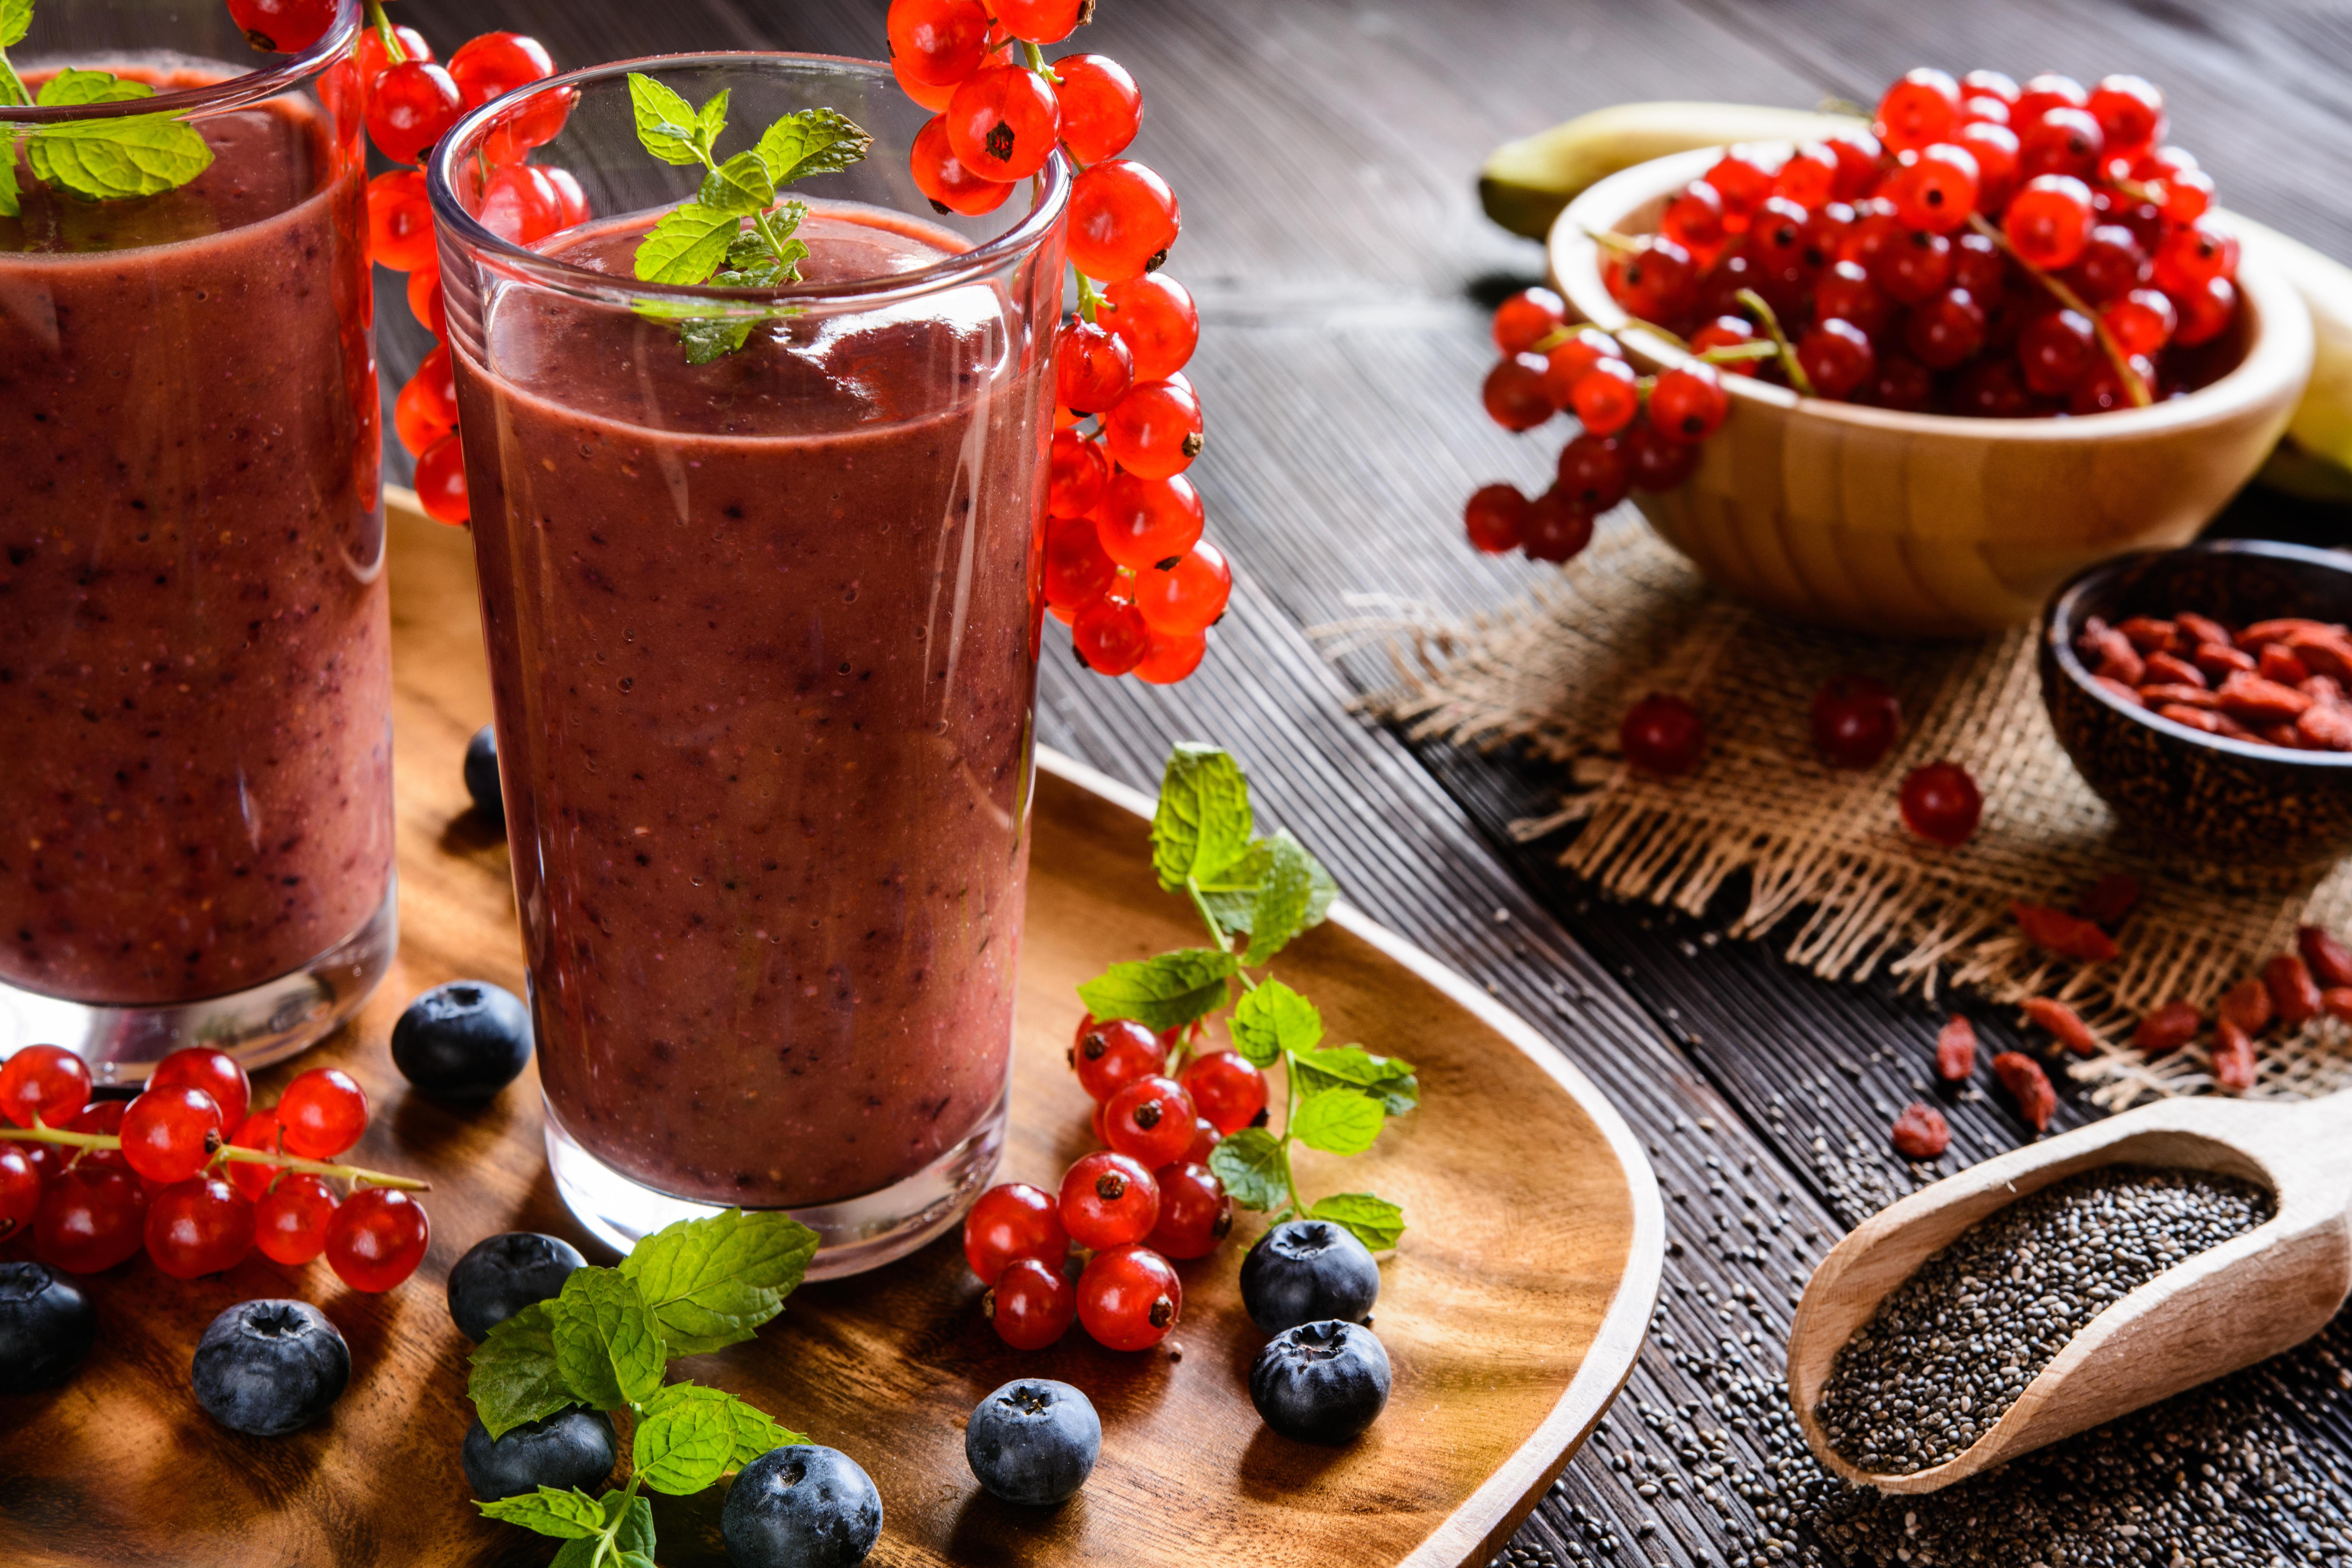 обои ягоды, смородина, черника, ягодное пюре картинки фото